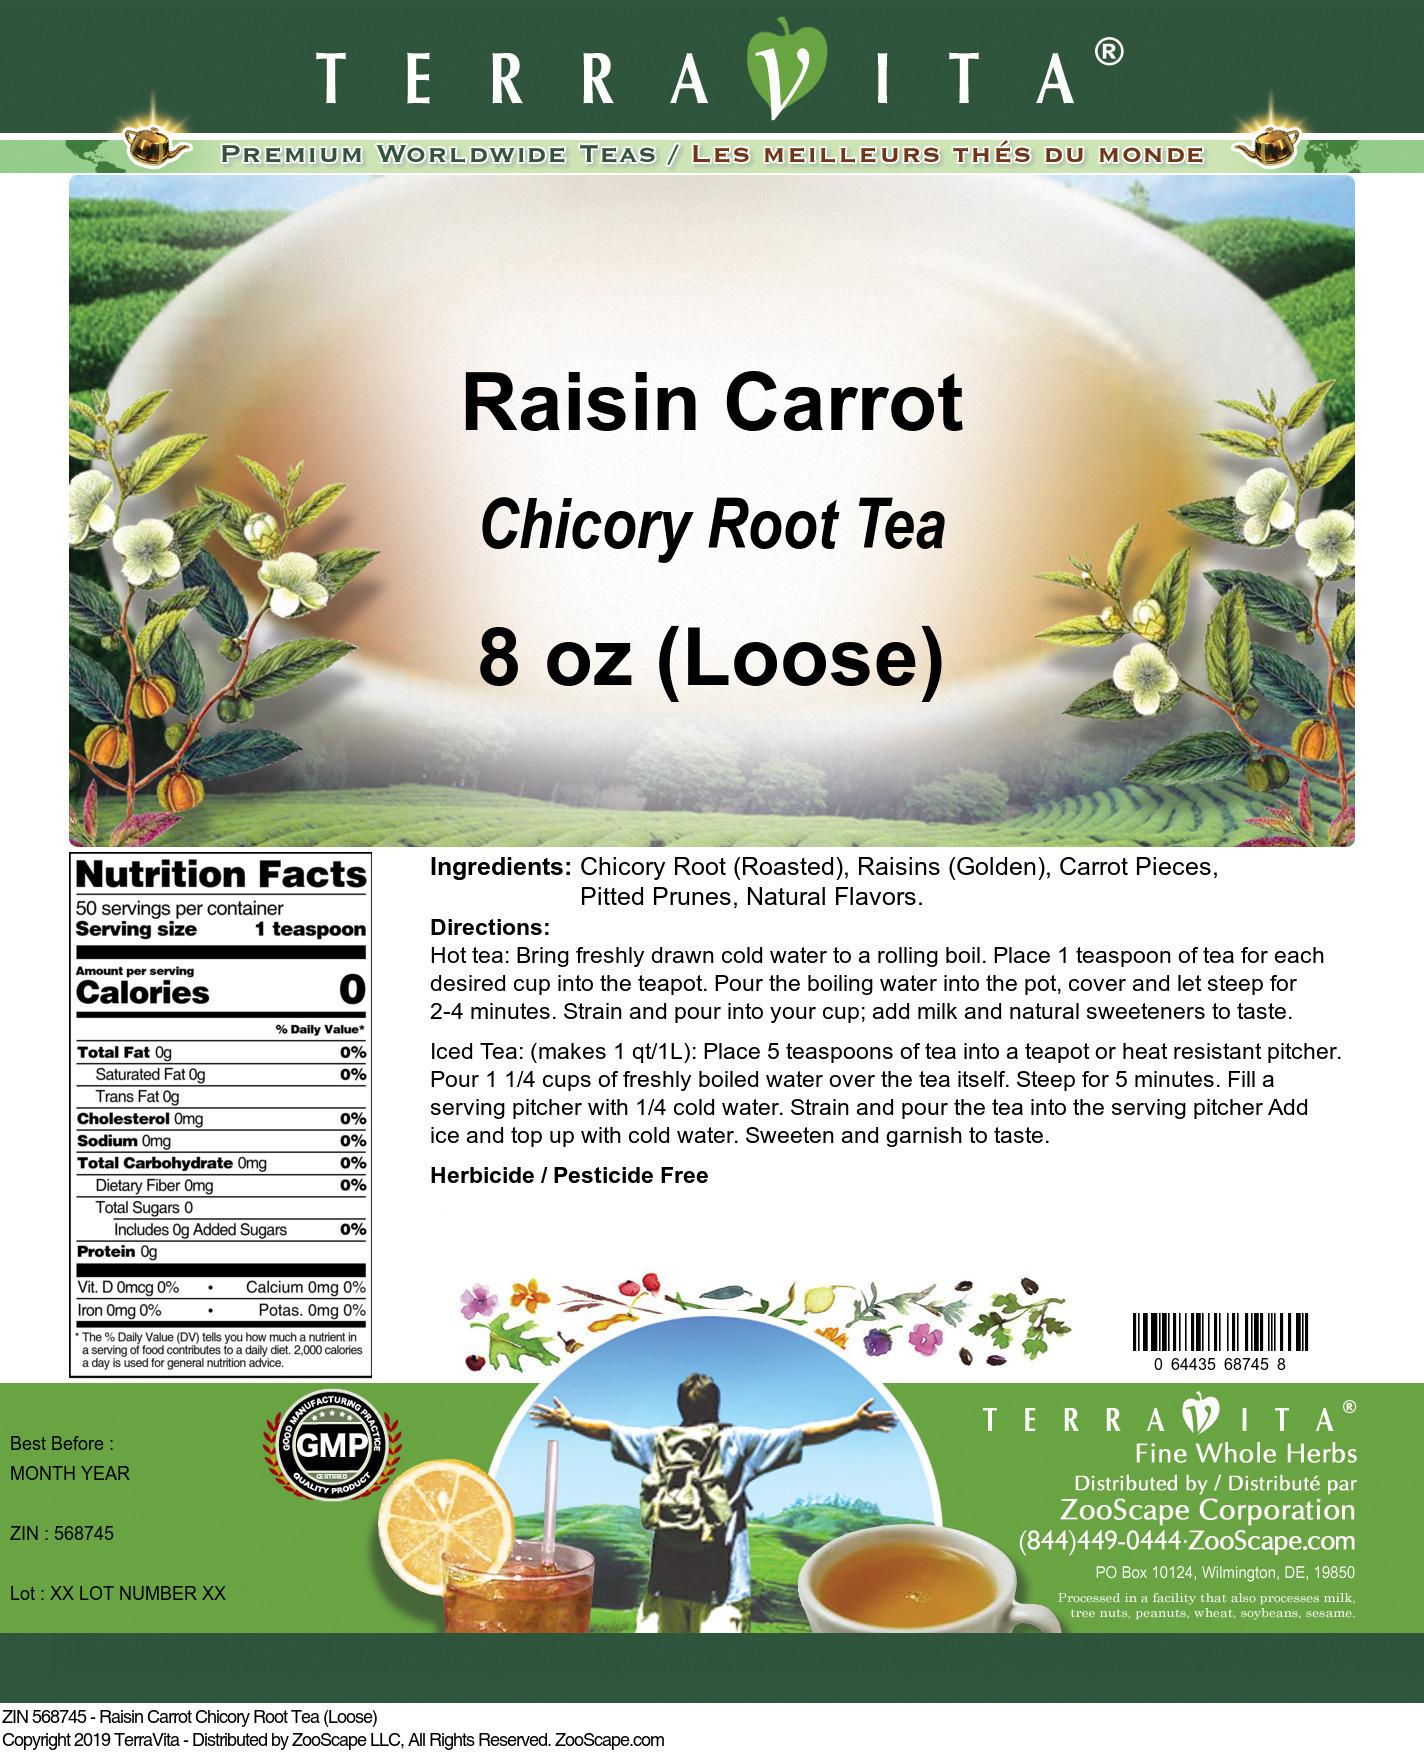 Raisin Carrot Chicory Root